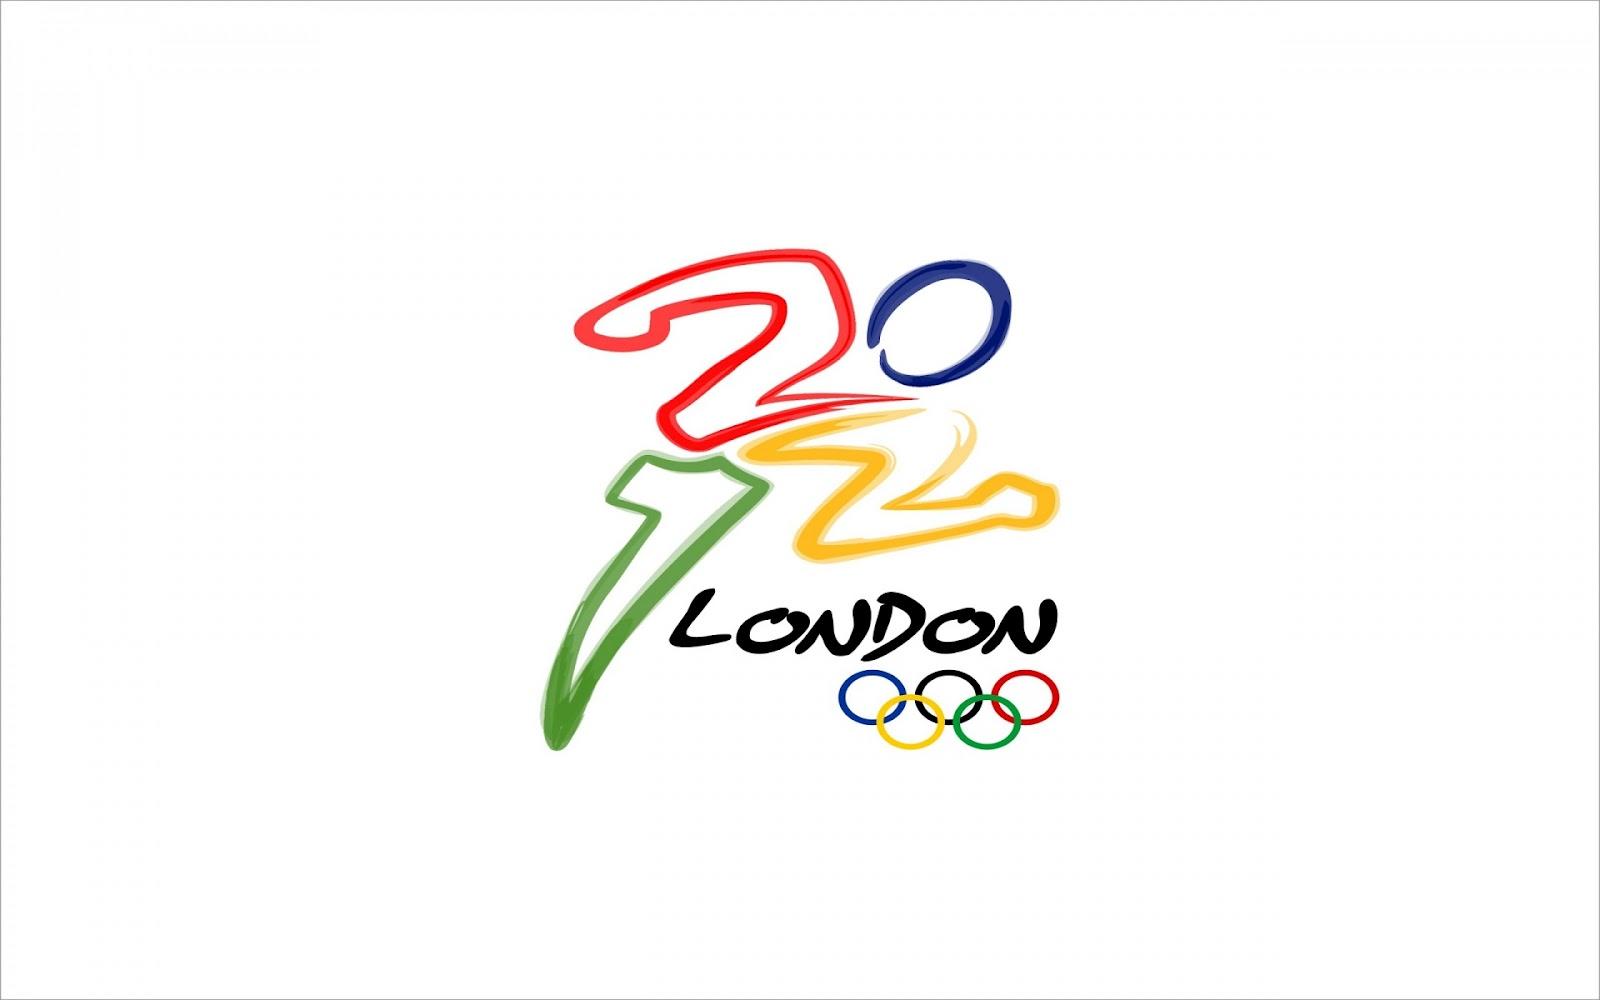 http://2.bp.blogspot.com/-KS7XbB6zLOg/UAATetvgzJI/AAAAAAAAGjQ/KOj2M5O9Xn8/s1600/London%20Olympics%202012%20Original%20Logo%20Wallpaper.jpg